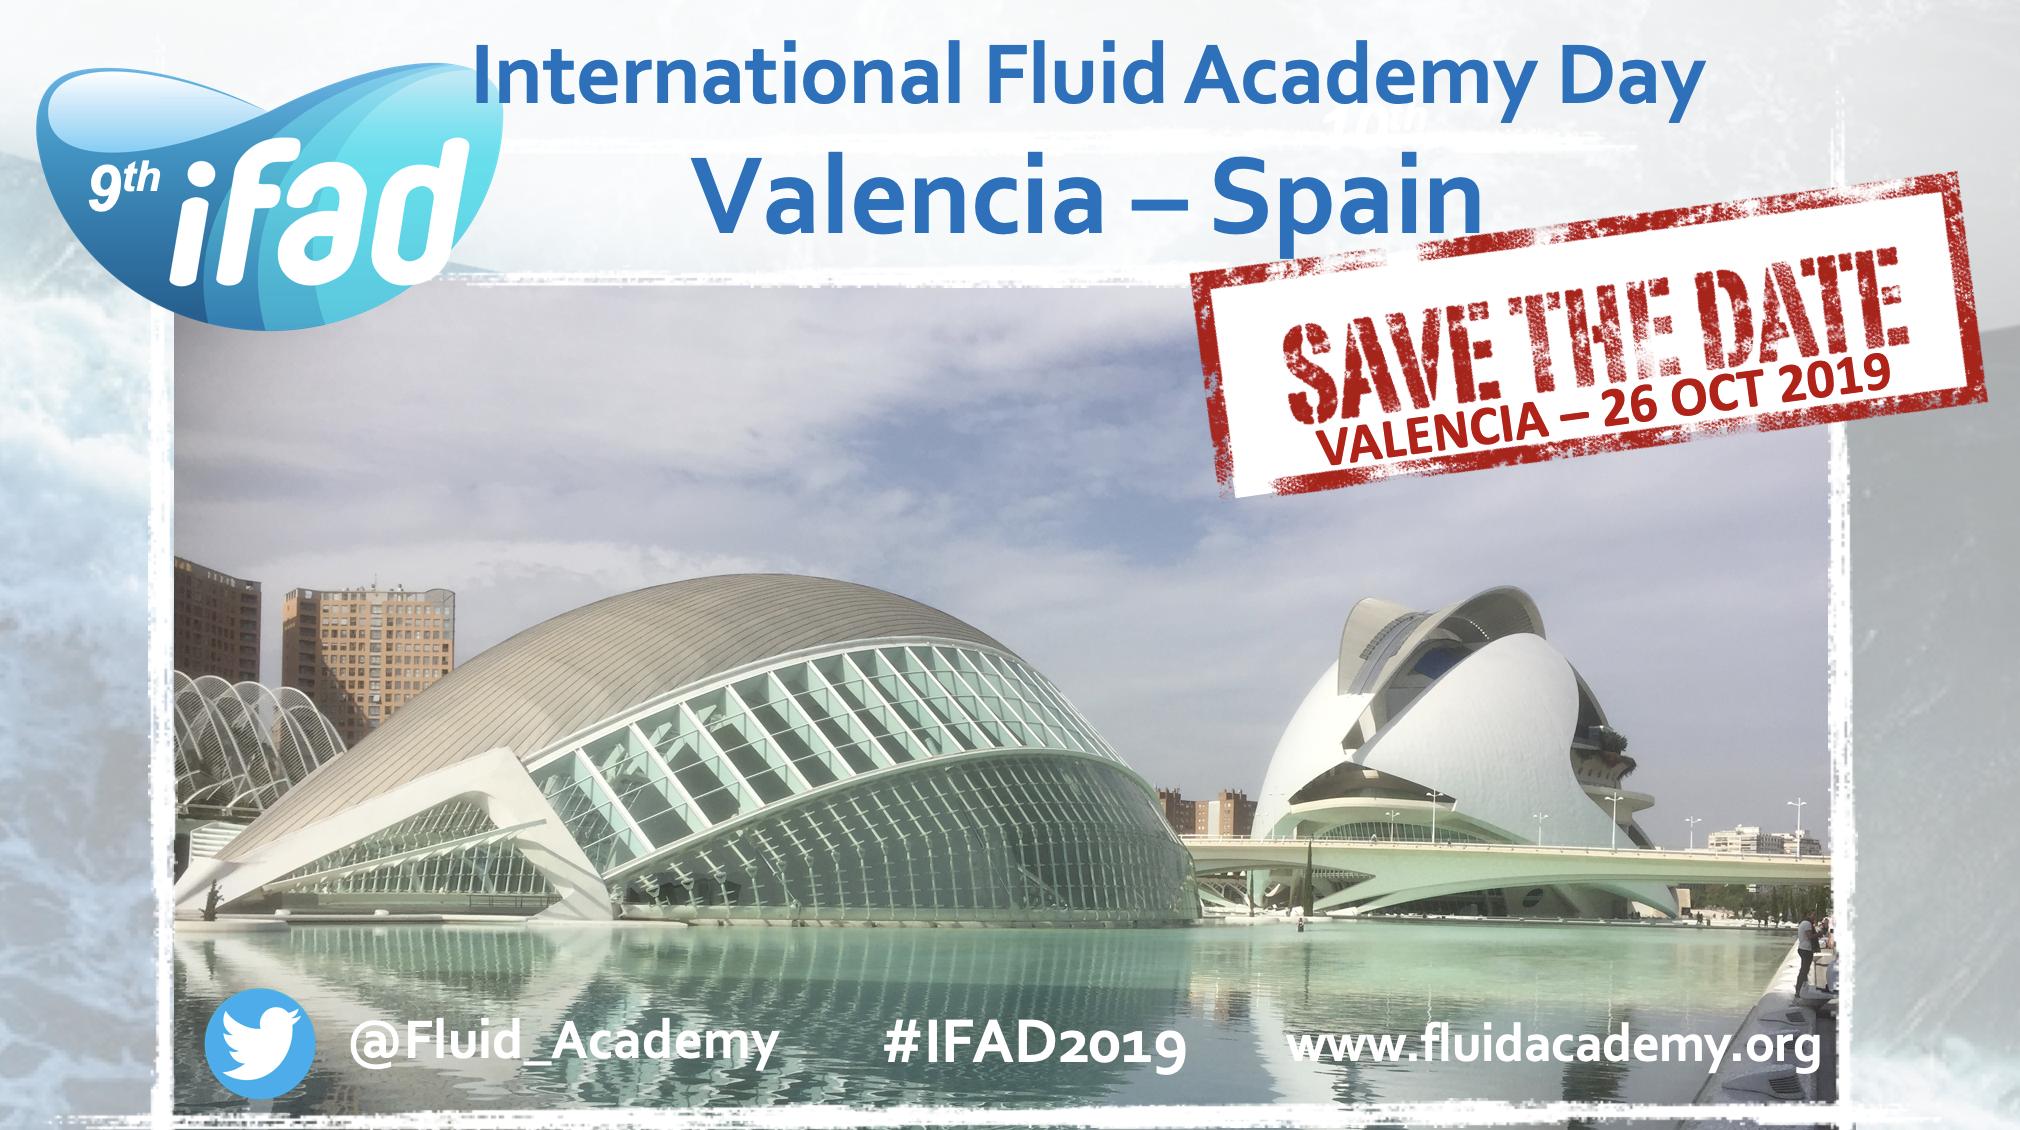 Home - The International Fluid Academy